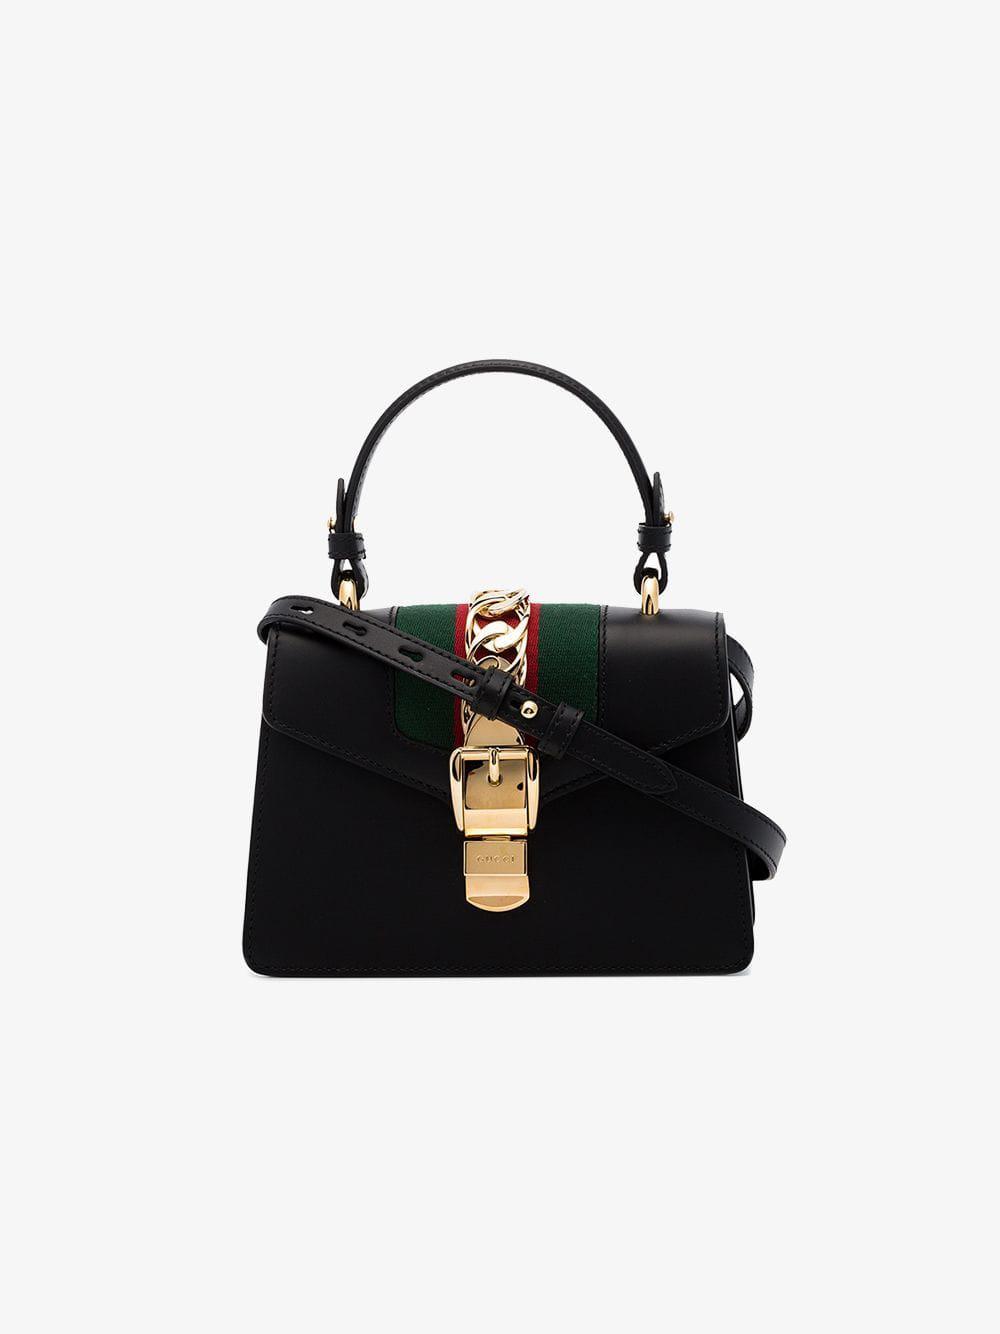 0caa73e9440 Lyst - Gucci Black Sylvie Mini Bag in Black - Save 14%